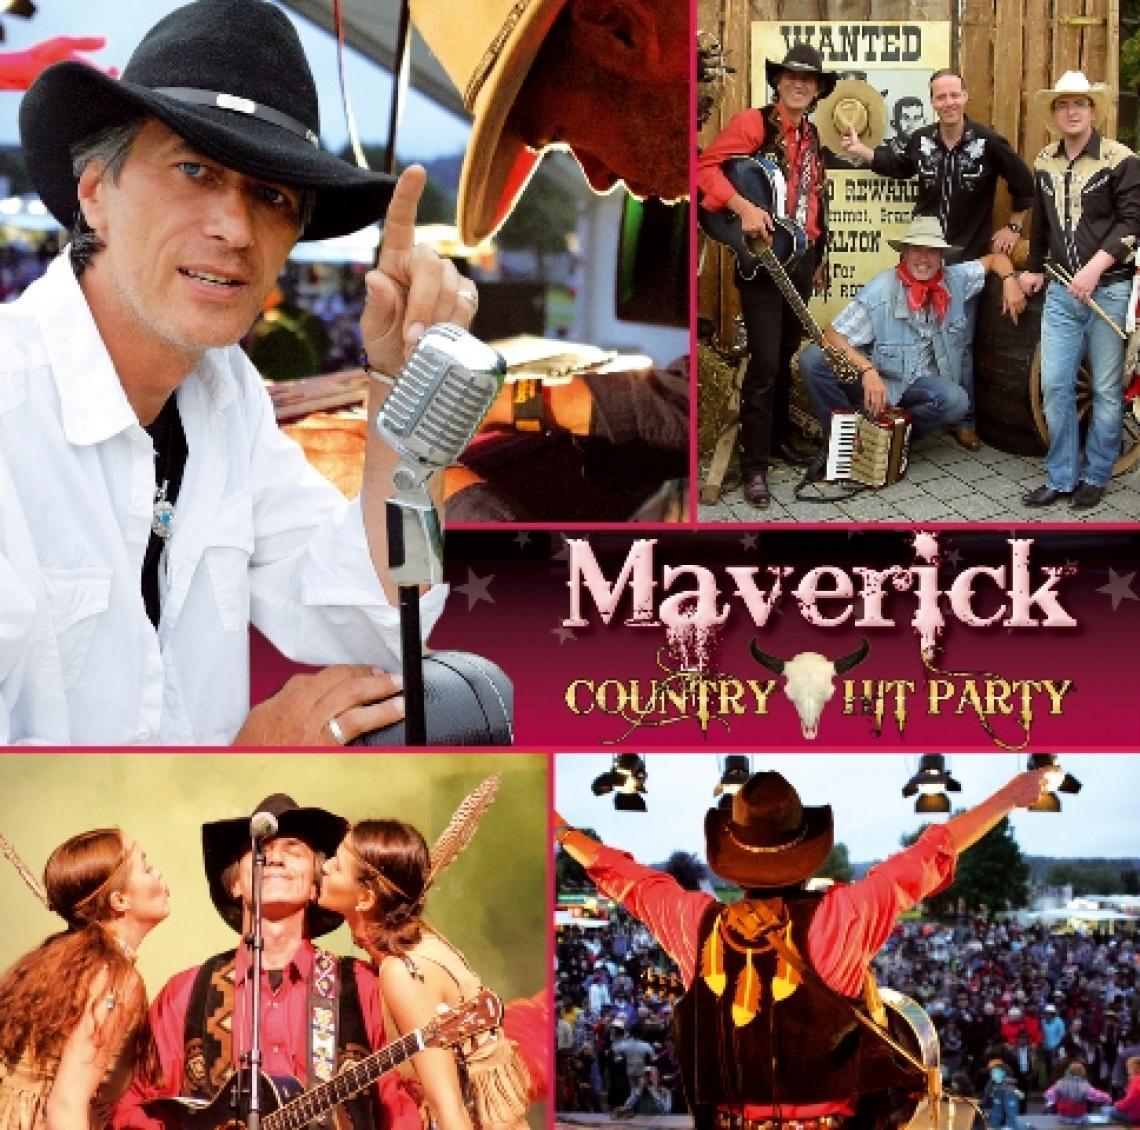 Country Hit Party Erleben Sie ein musikalisches Highlight der Extra-klasse: D. Maverick, der charismatische Sänger und Entertainer wird Sie und Ihre Gäste in seinen Bann ziehen. Aktionsreiche und absolut professionelle Performance auf höchstem Niveau sind der Garant für allerbeste Unterhaltung. Die spektakuläre Bühnenshow wird Sie und Ihre Gäste begeistern.